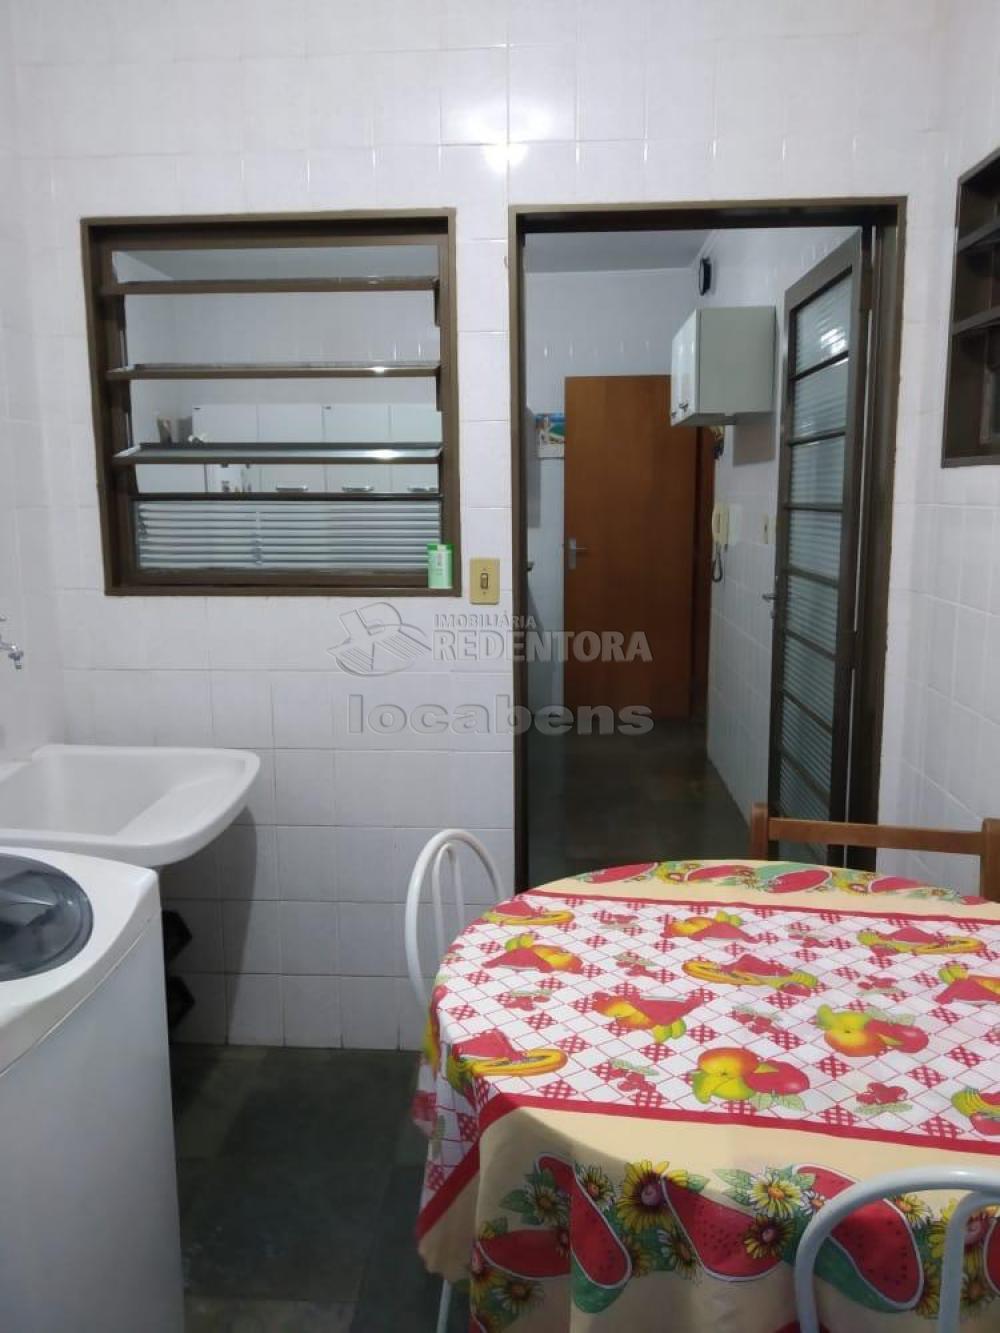 Comprar Apartamento / Padrão em São José do Rio Preto R$ 350.000,00 - Foto 22